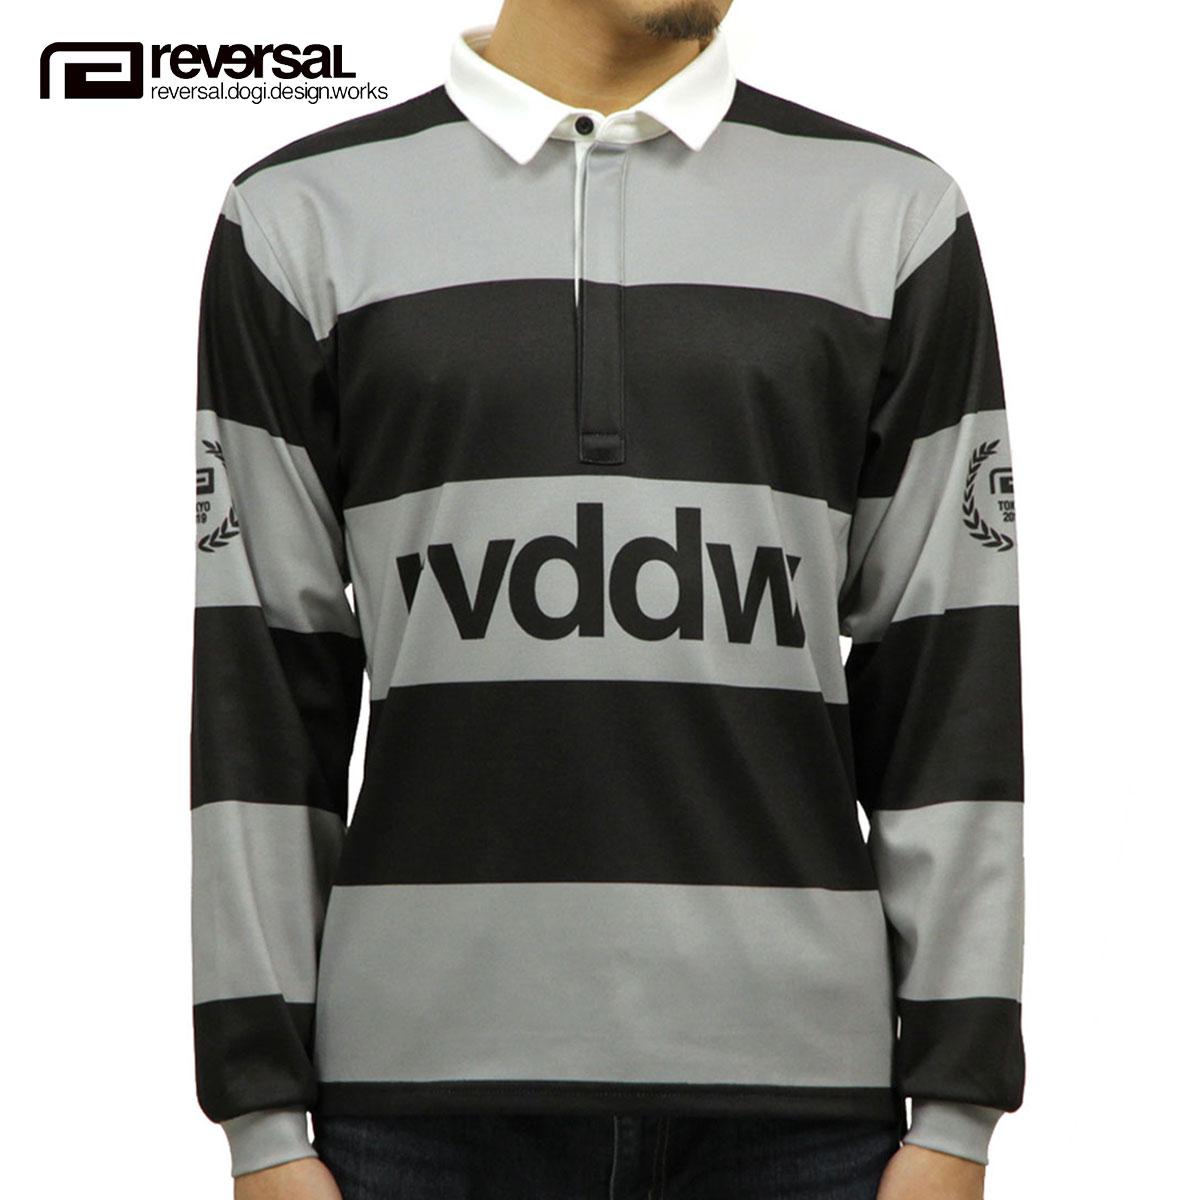 リバーサル ラガーシャツ メンズ 正規販売店 REVERSAL 長袖ラガーシャツ DRY RUGGER SHIRTS rv19ss023 BLACK